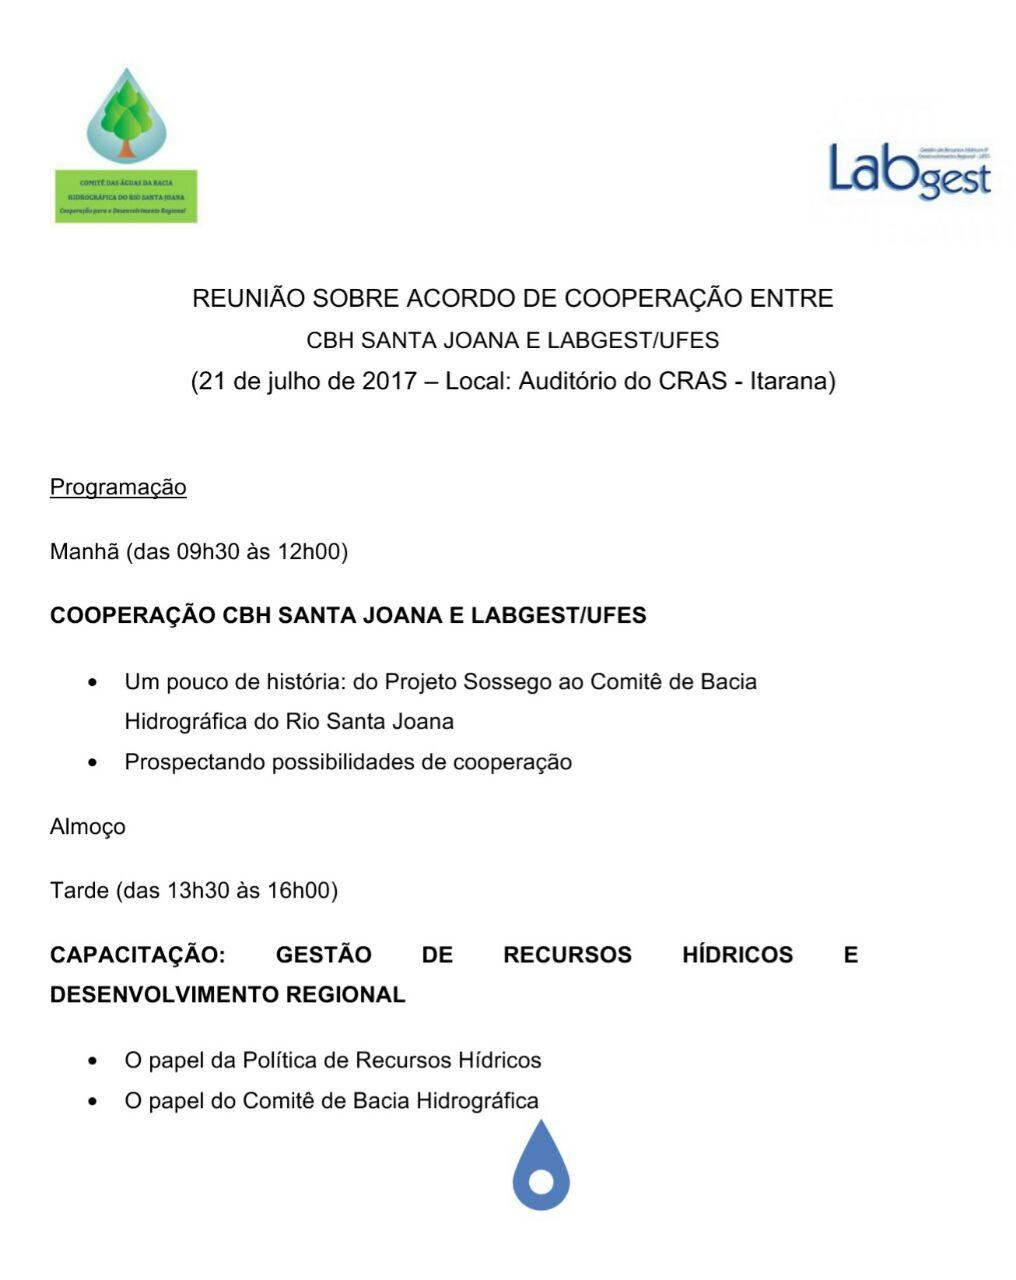 CBH Santa Joana promove reunião extraordinária em Itarana nesta sexta-feira (21)